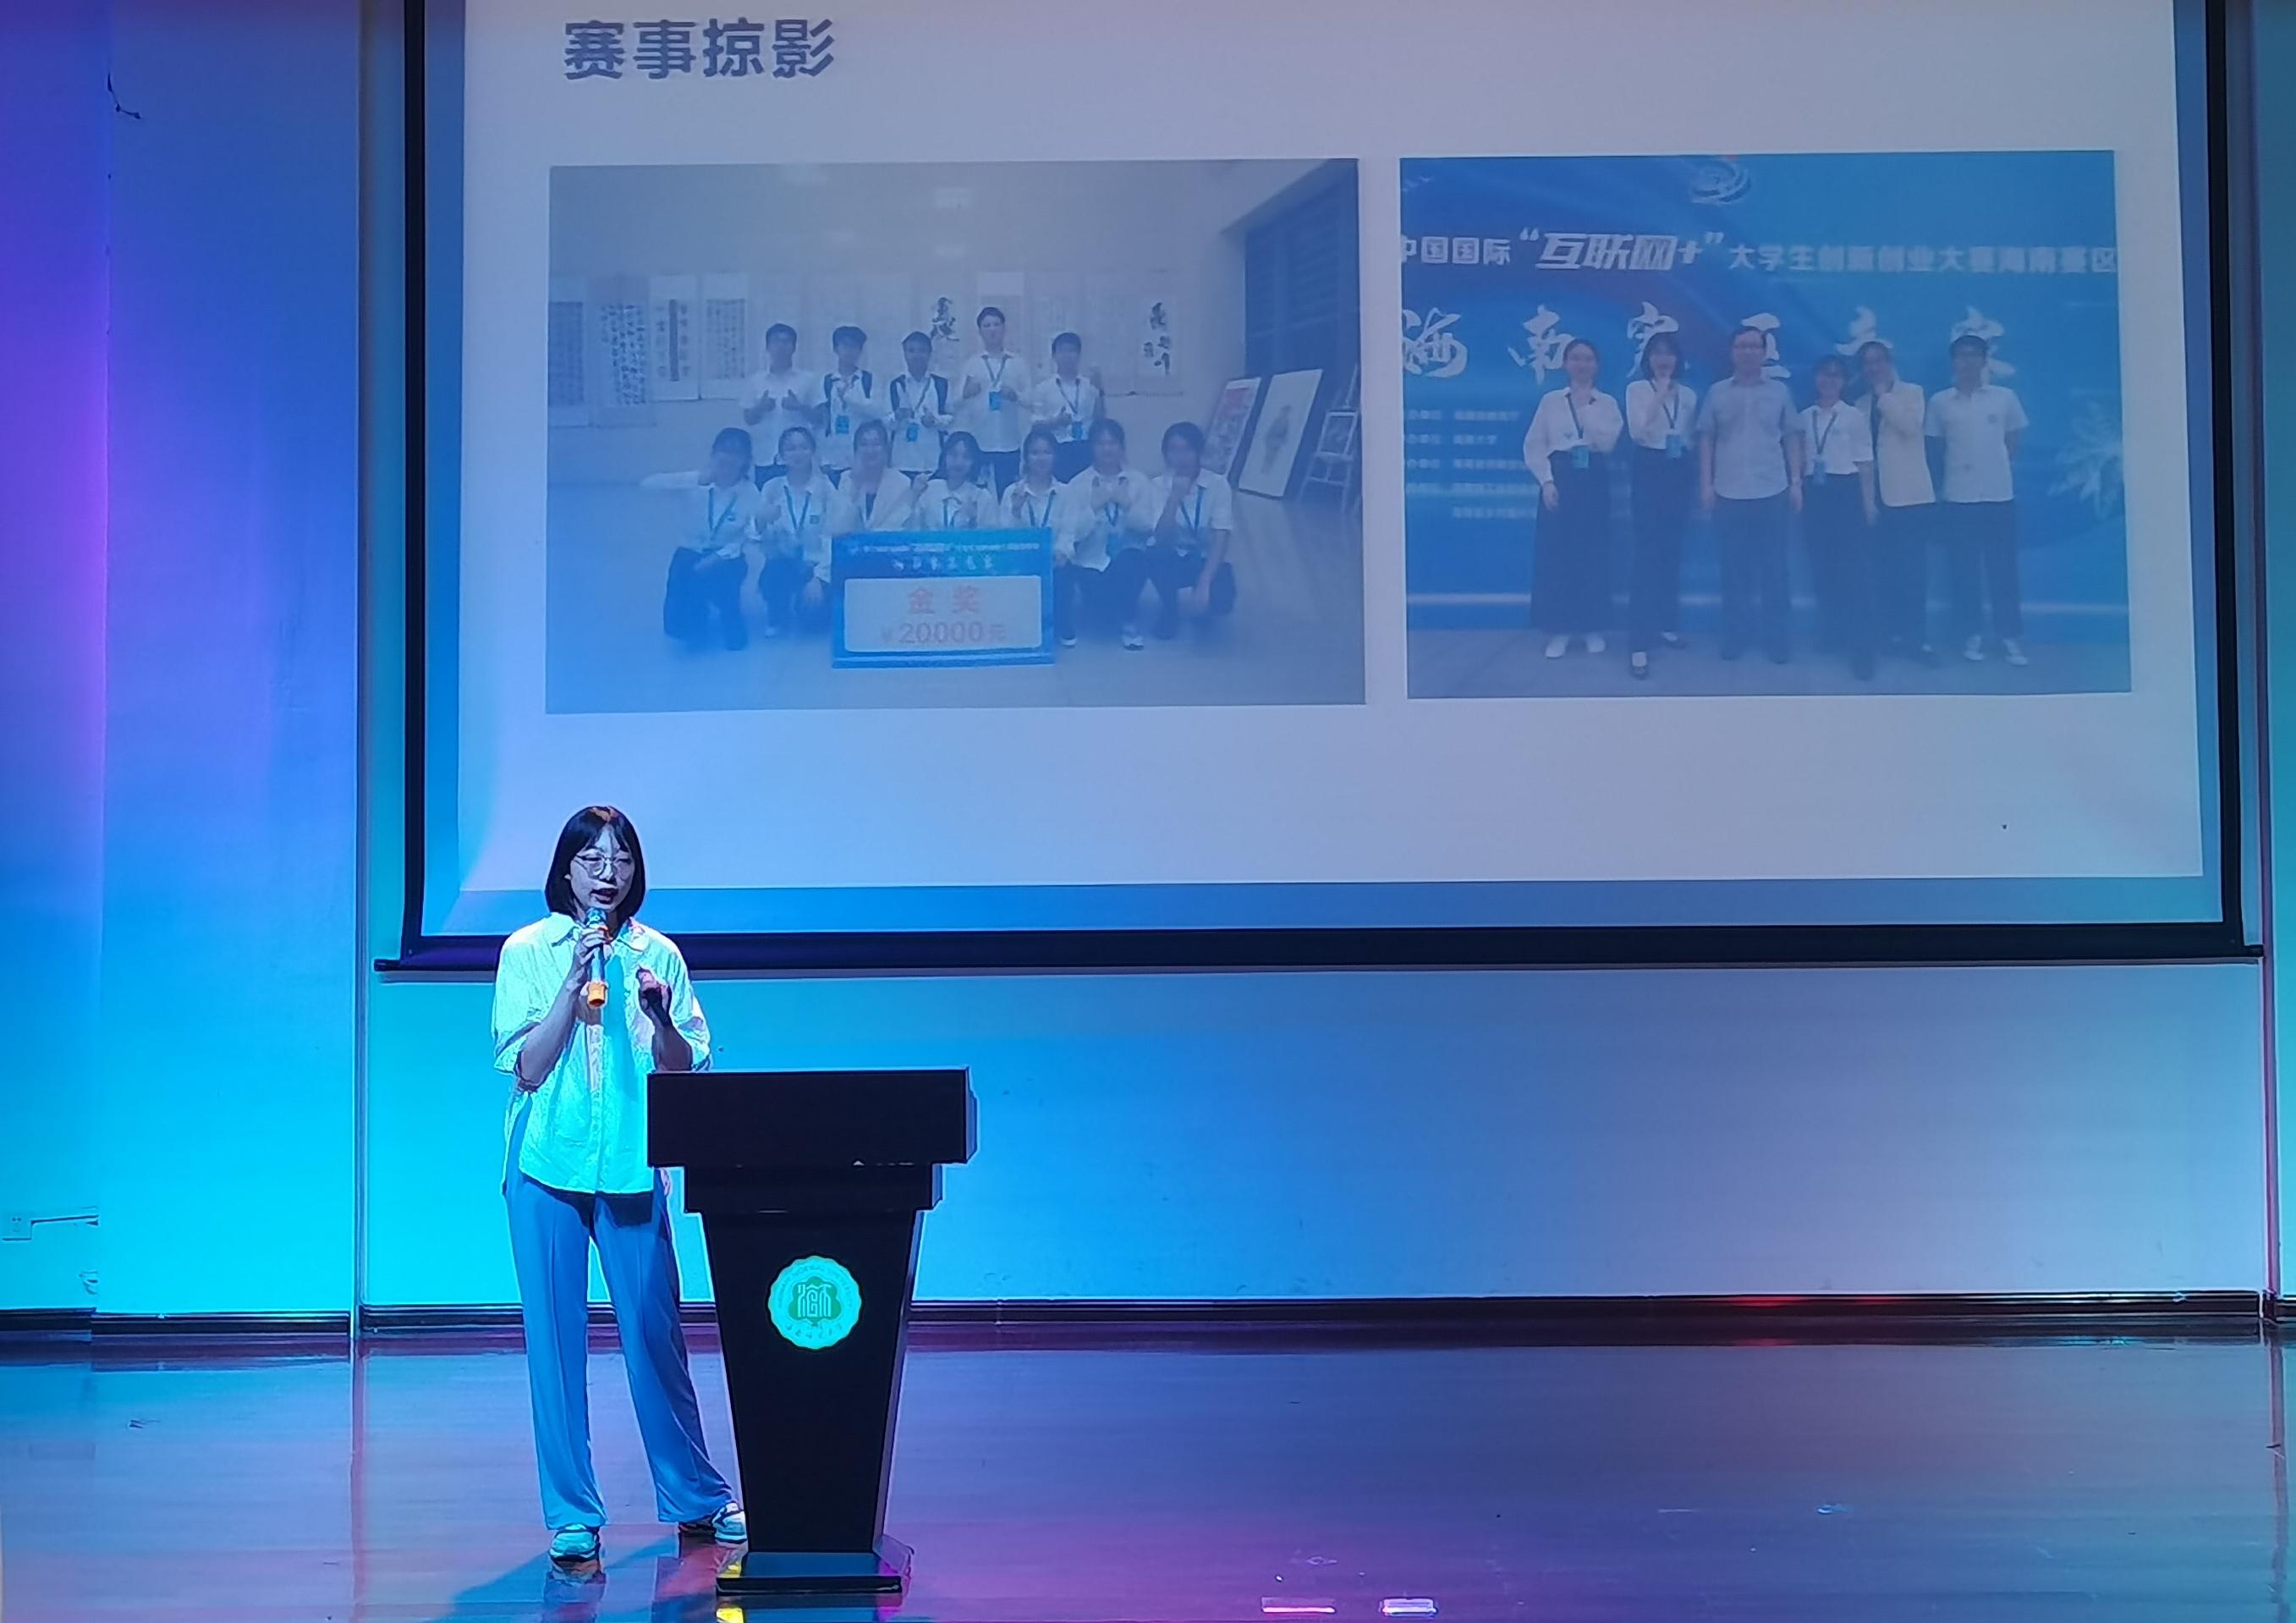 亚洲十大信誉彩票平台举办创新创业大赛经验分享会